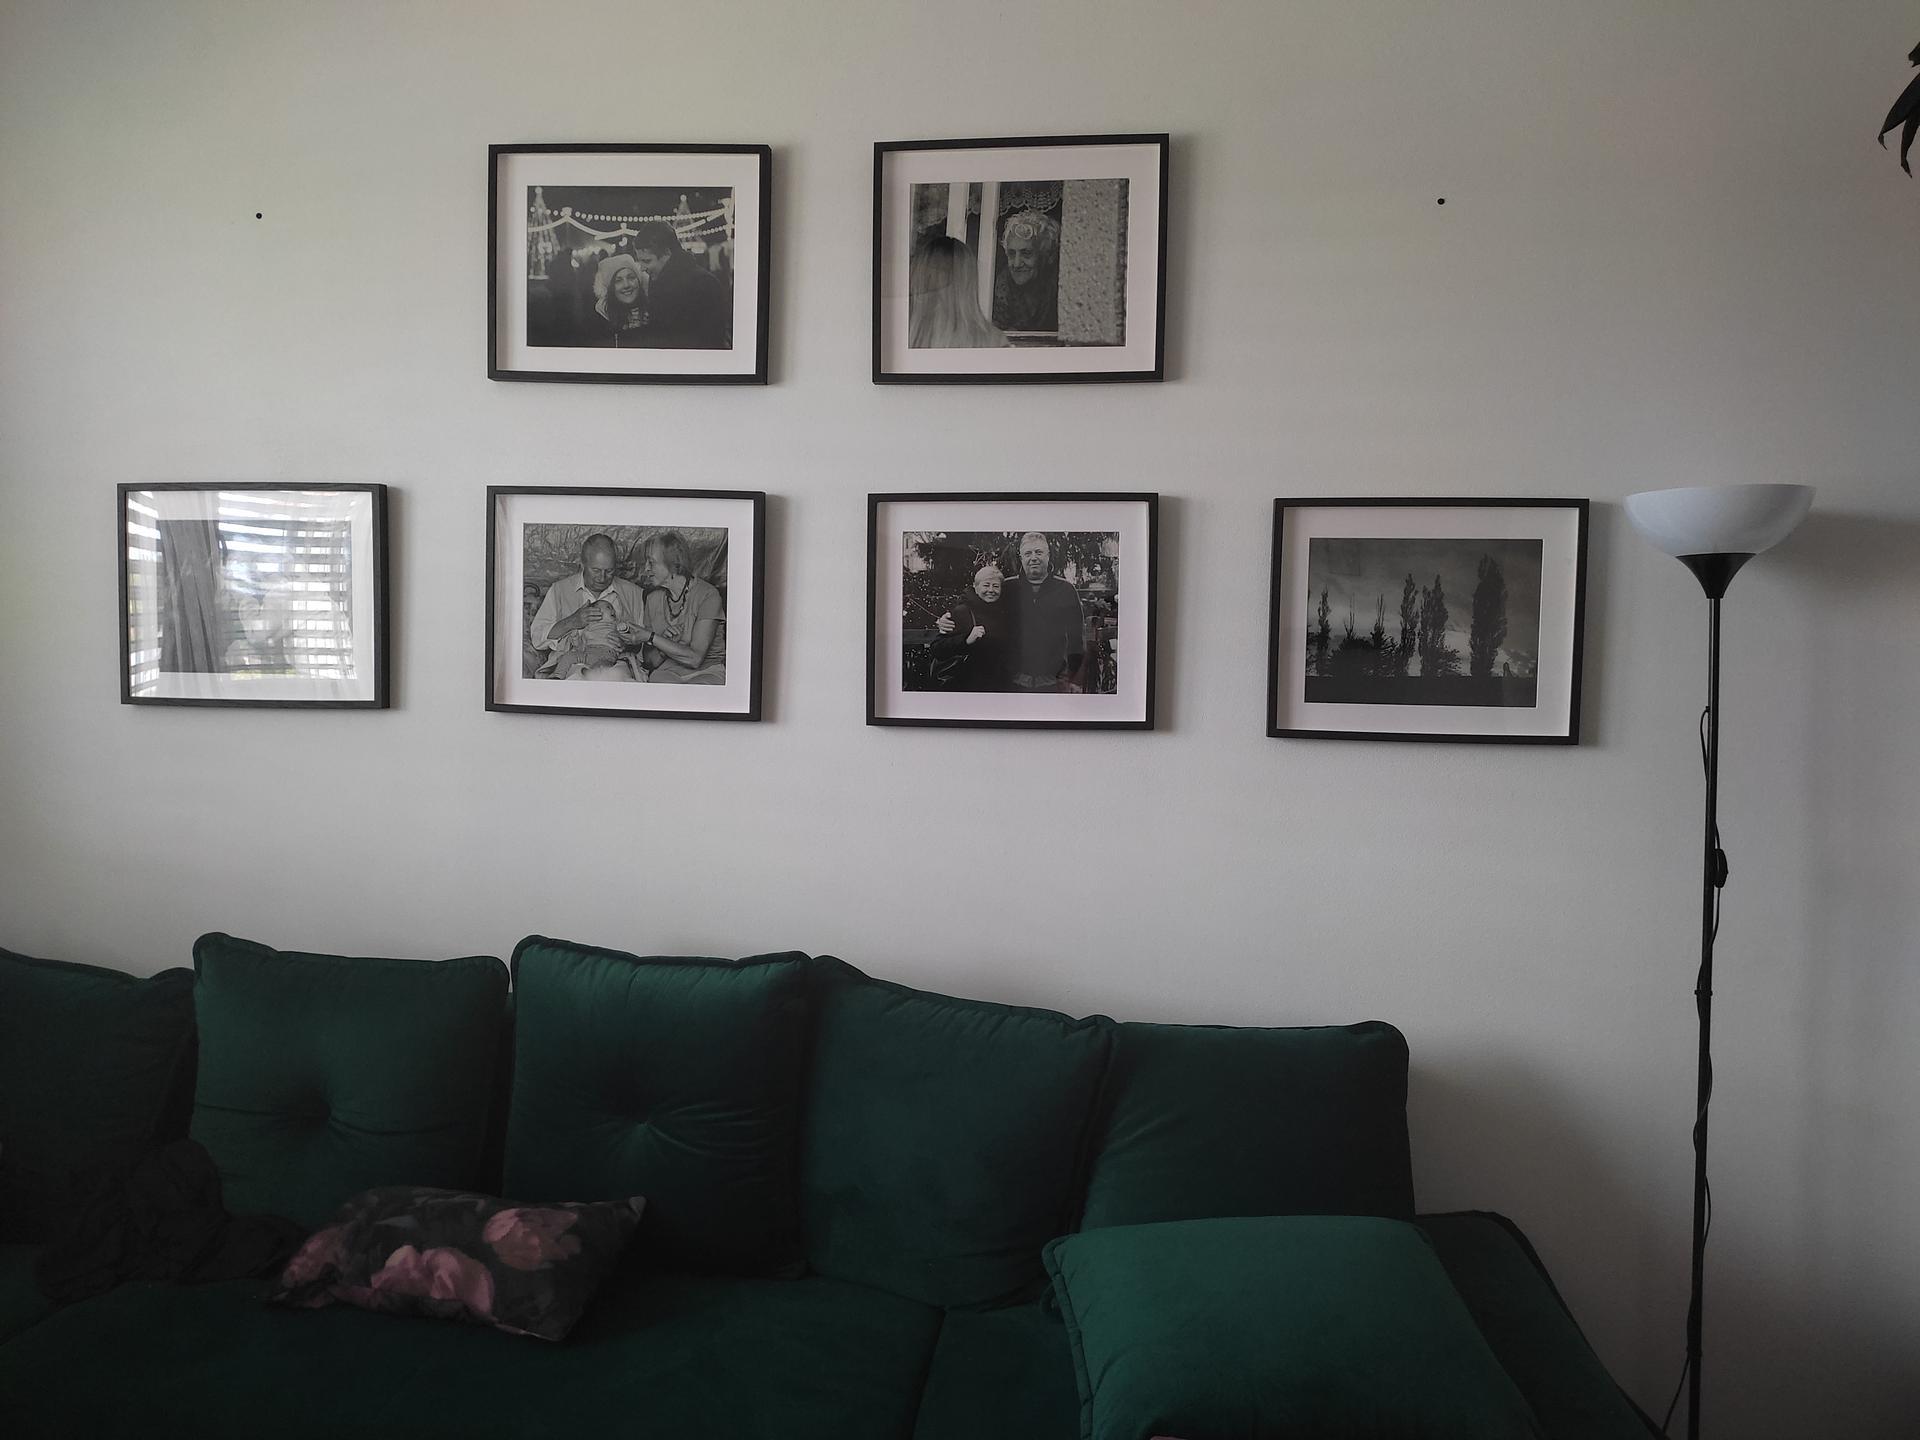 Hezký den, dochází mi inspirace, co na volnou zeď v kuchyni. 😔 Ve hře jsou police a kytky, rámy s vlastními fotkami ingrediencí/jídel, ale ani u jedné z variant nejsem stopro přesvědčená. Jinak ve spojené místnosti máme černobílé fotky a nad kamny sušené kvítí. Jaké dekorace máte doma vy? Btw. Ještě tam tedy budou dřevěné pojízdné dveře. - Obrázek č. 2